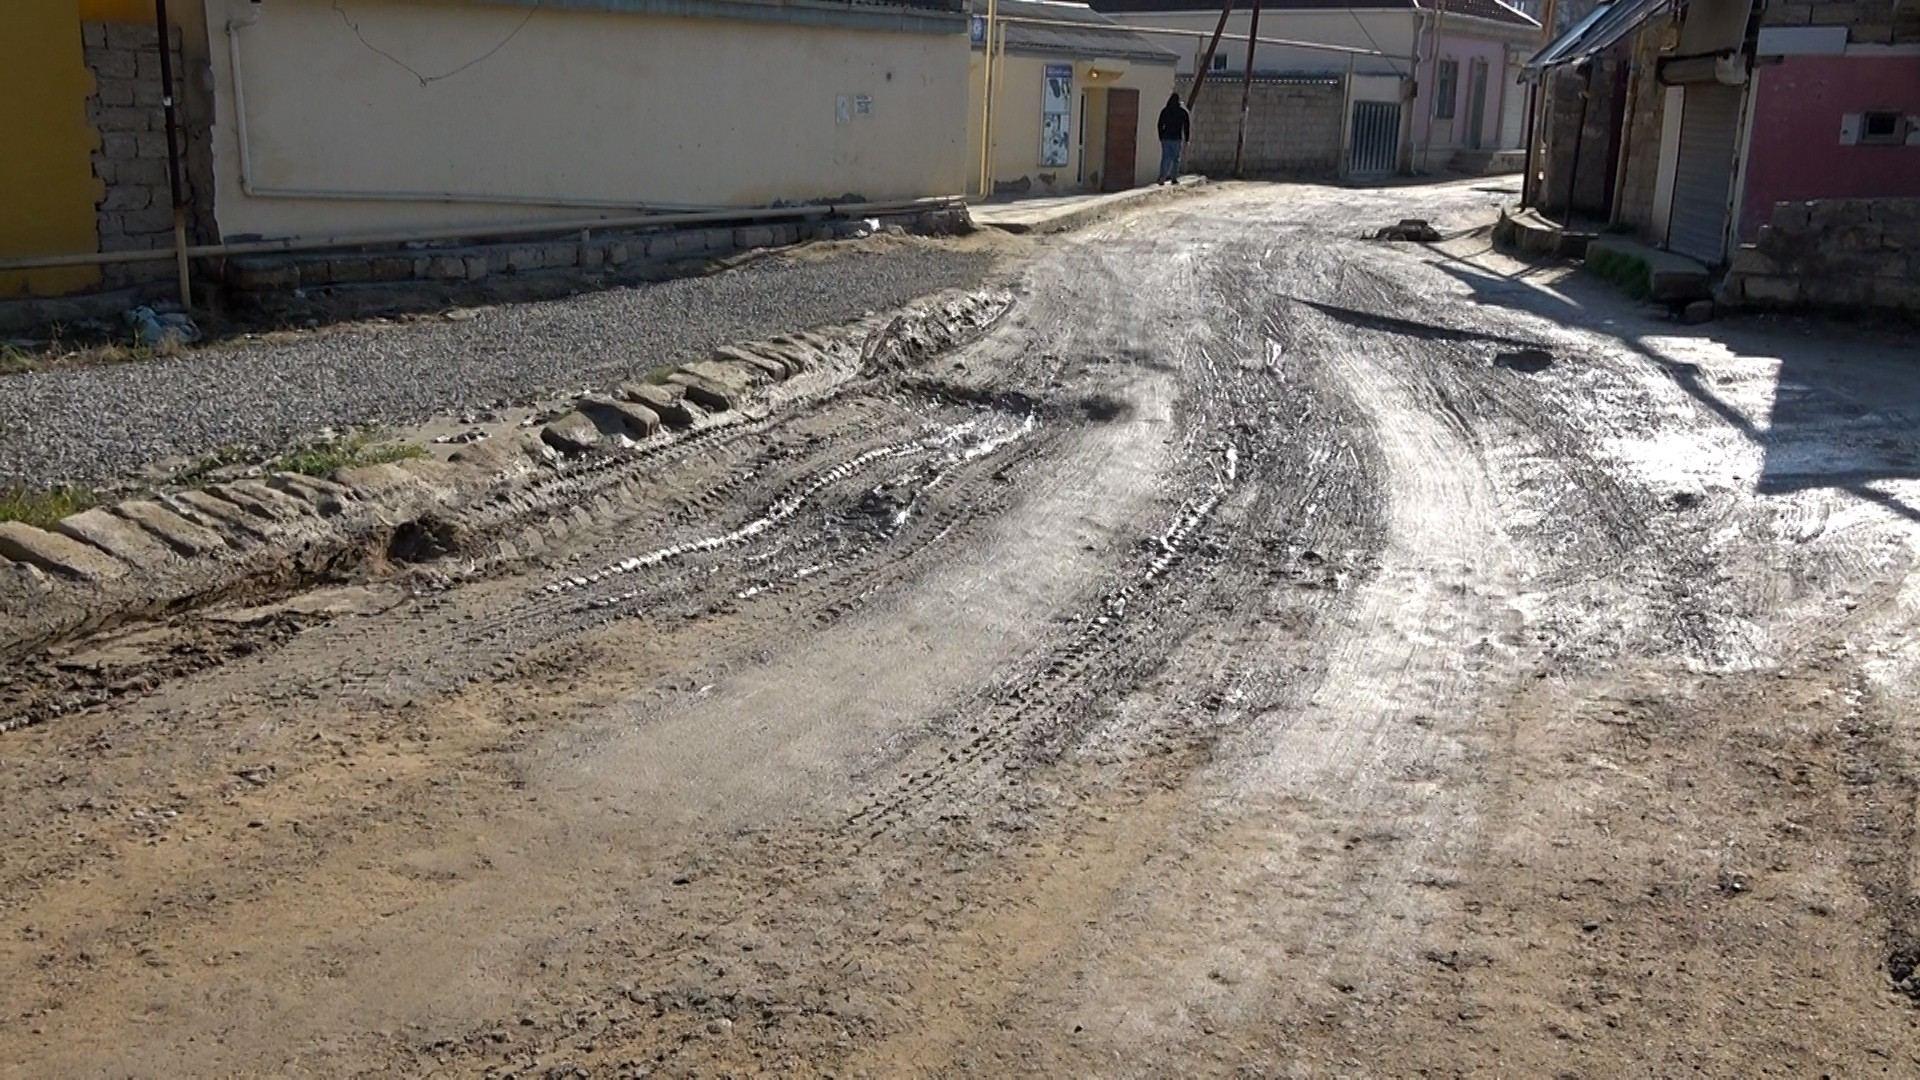 Əmircan və Hövsanda 17,9 kilometr yol təmir edilir (FOTO) - Gallery Image